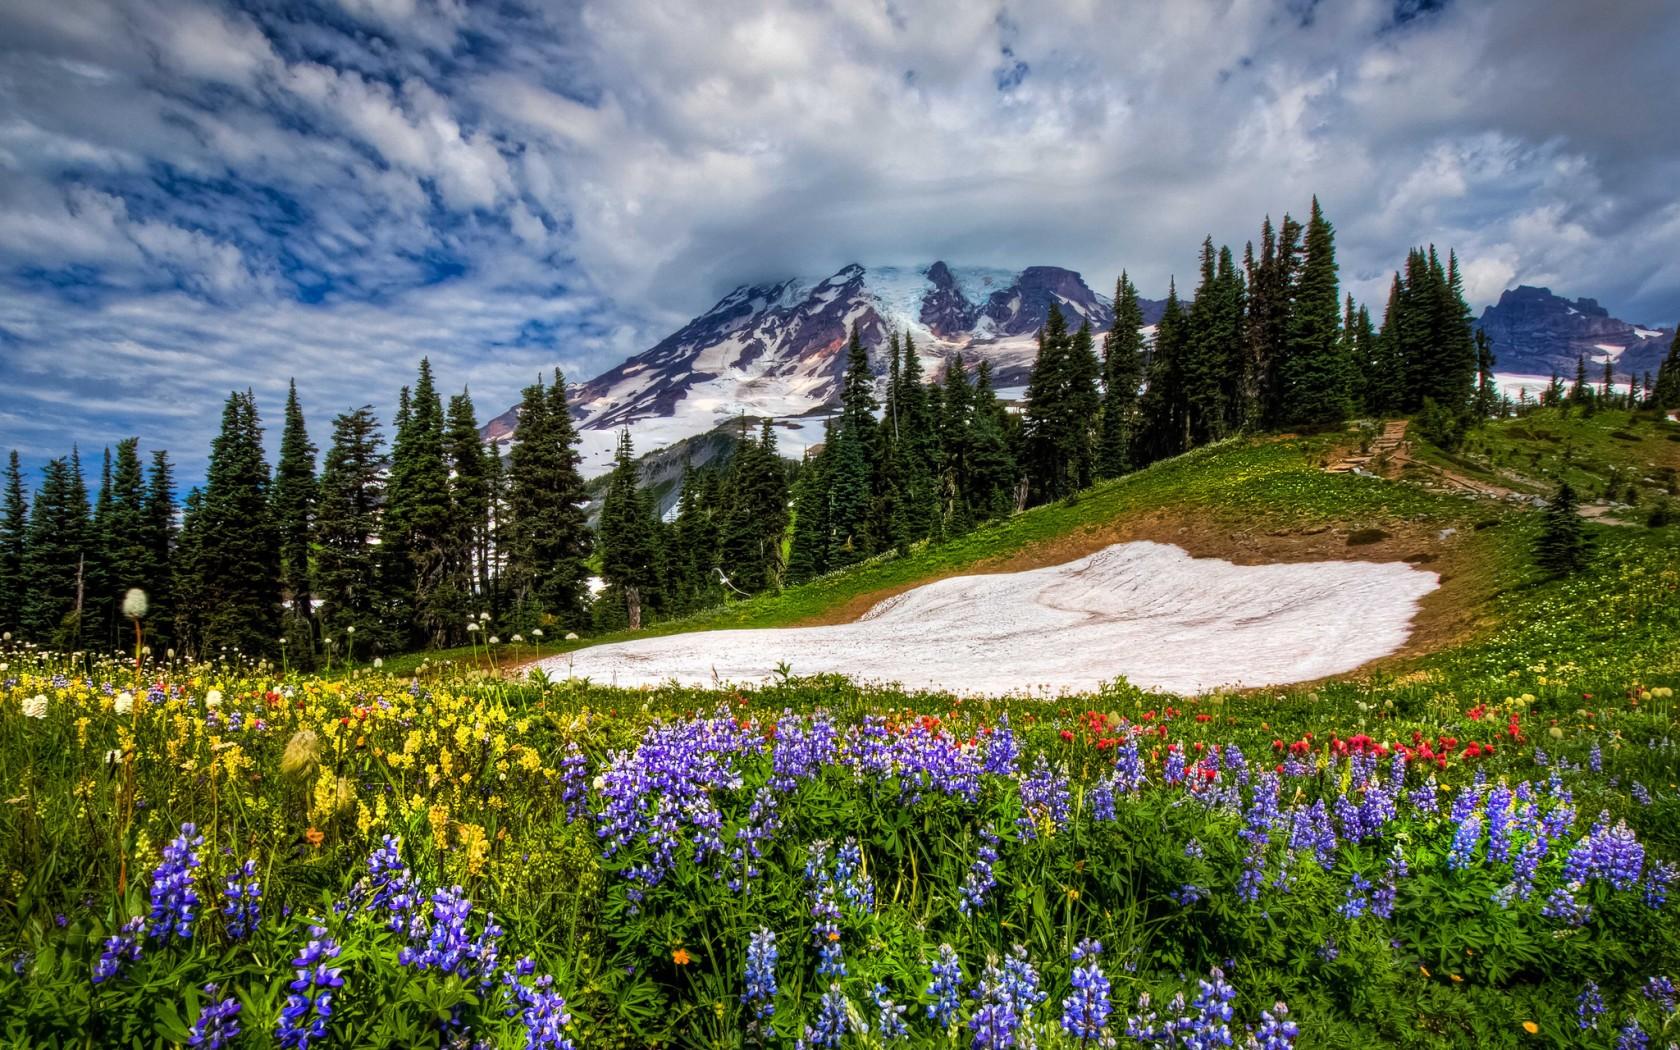 вырастет, картинки весна красивые пейзажи практически осталось, это